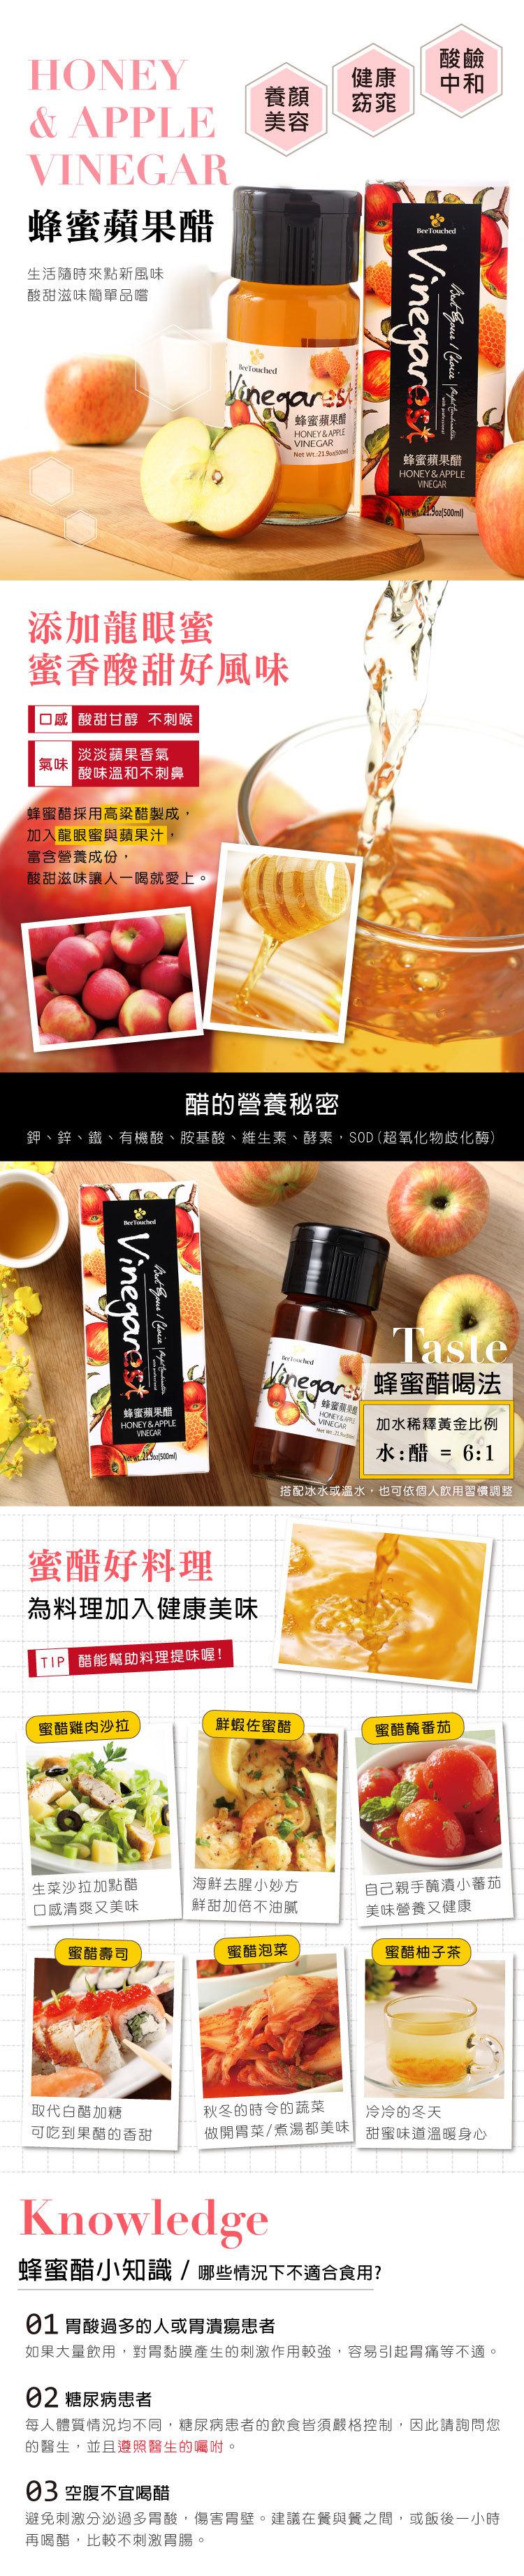 蜜蜂工坊-蜂蜜蘋果醋